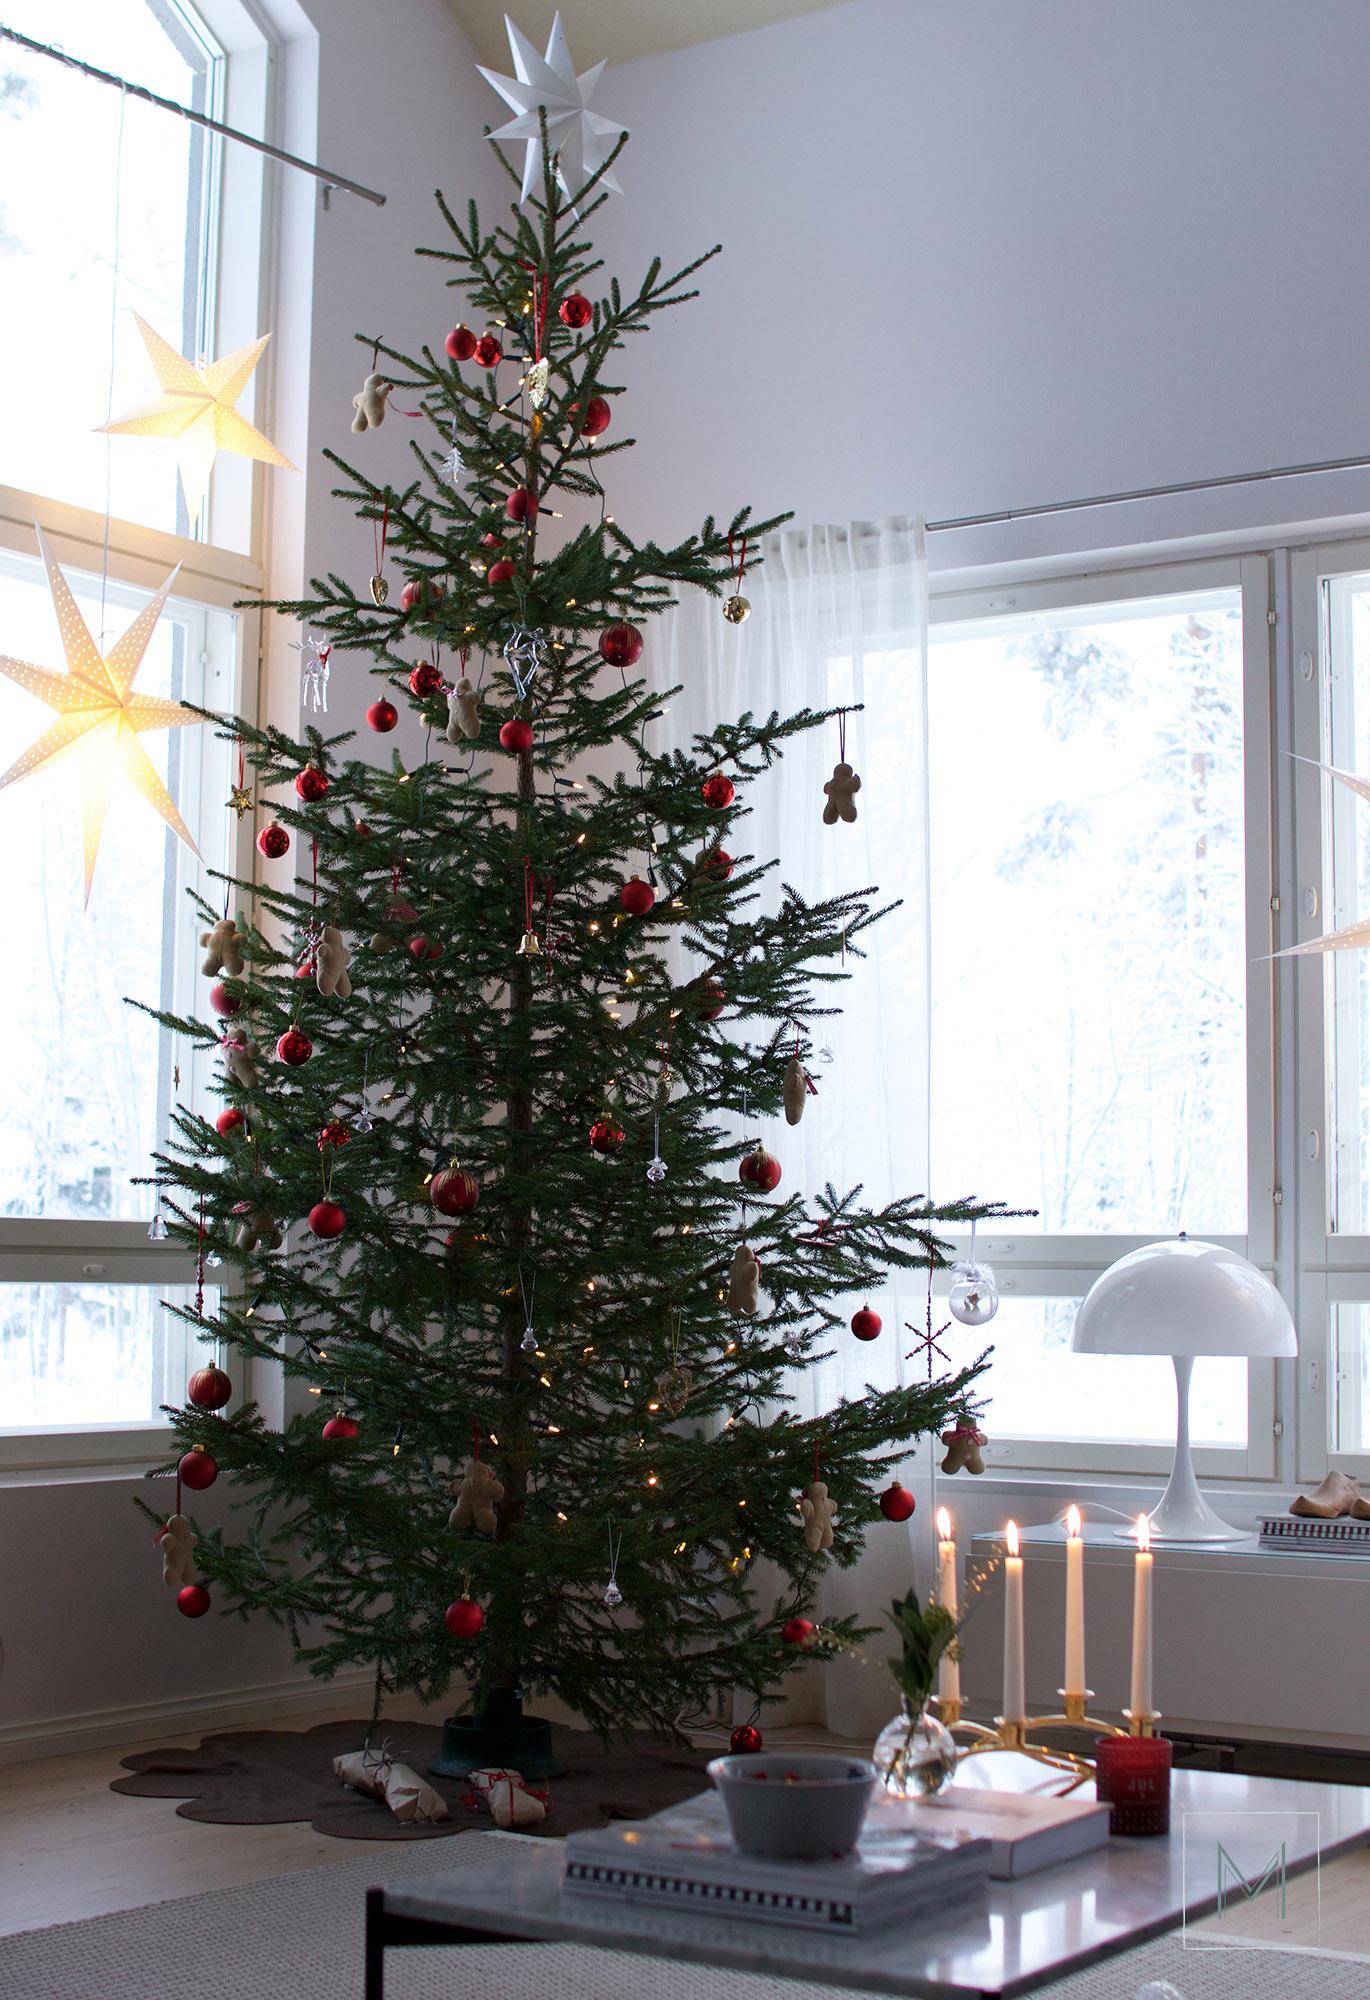 jouluaatto20154